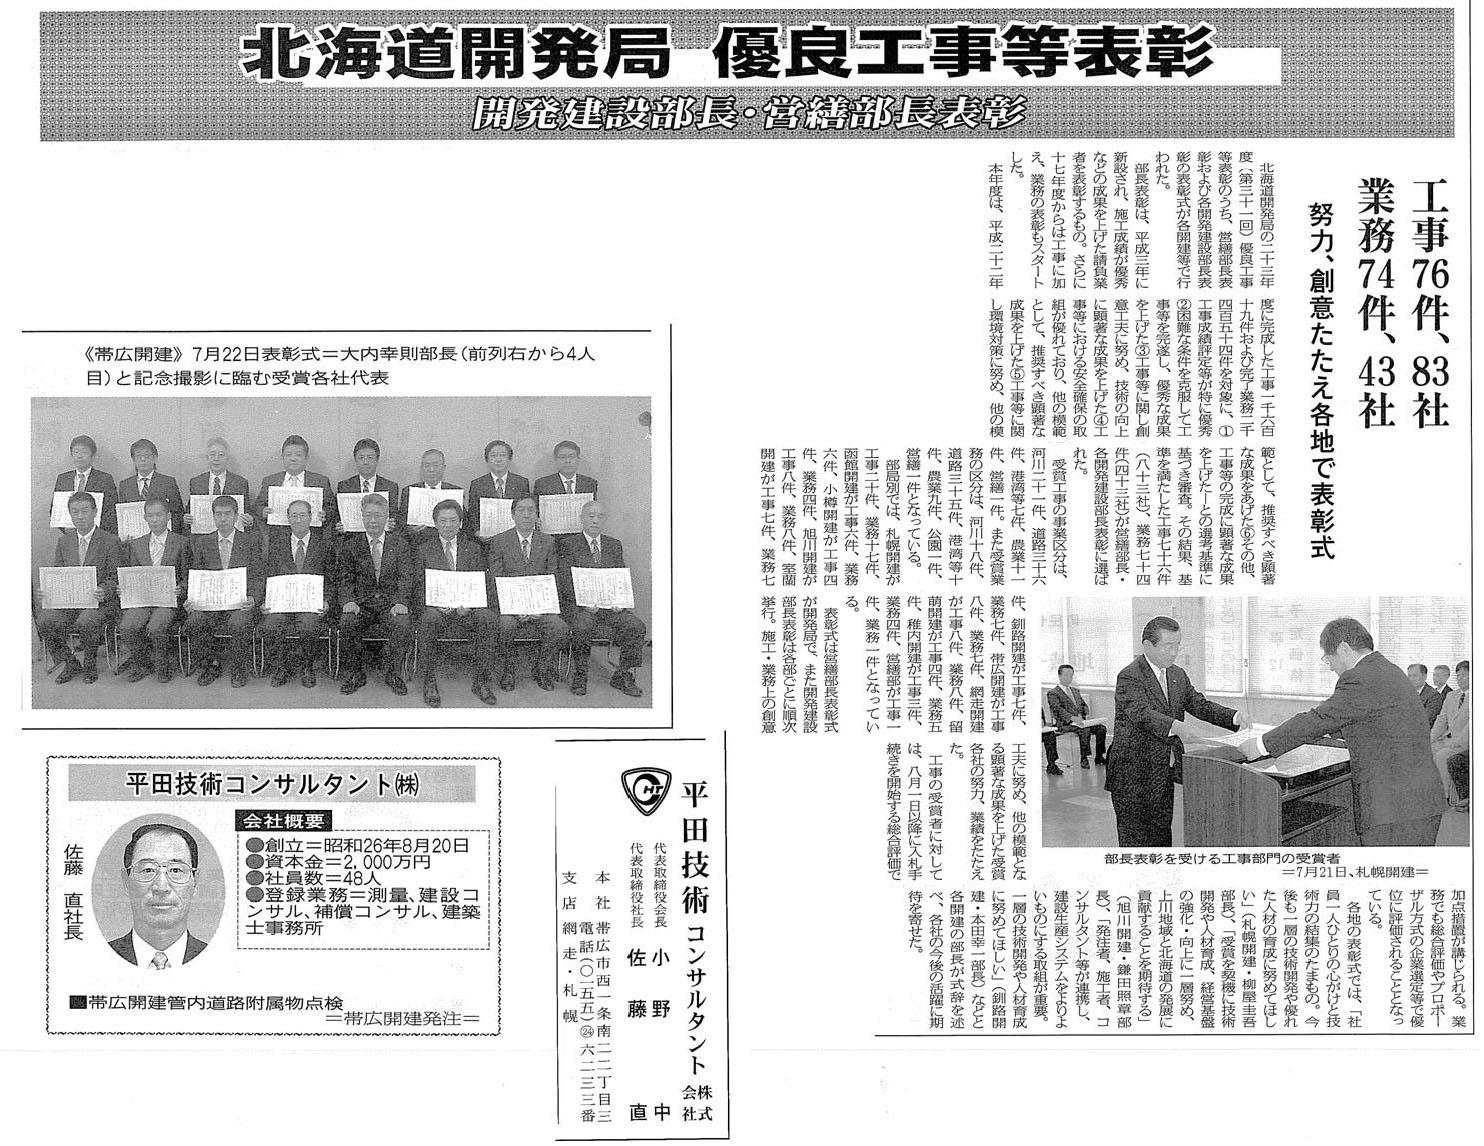 2011-02 表彰